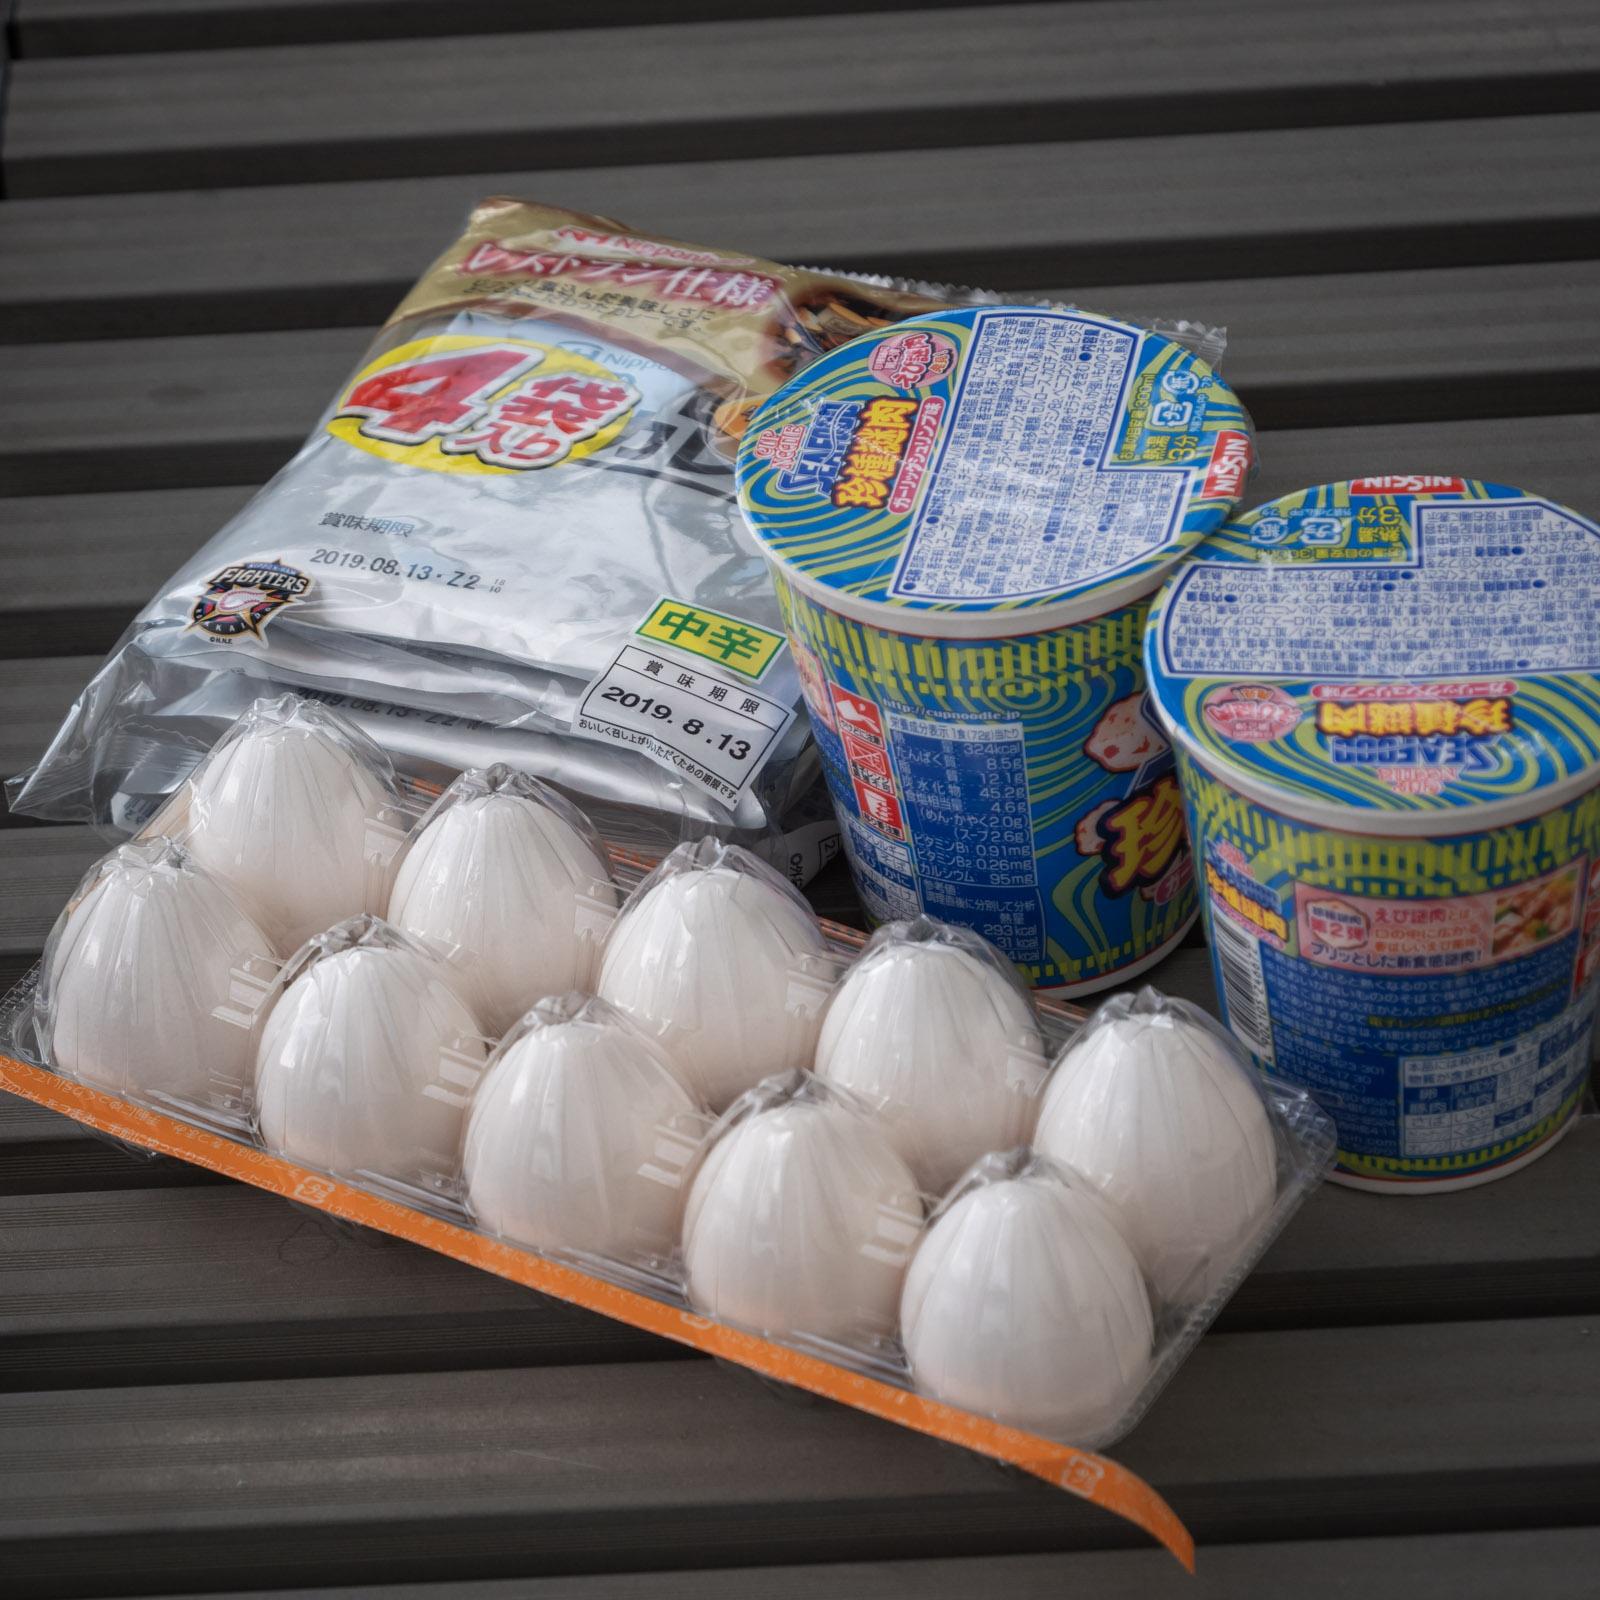 生鮮夢市場赤川店の臨時販売で買った品々